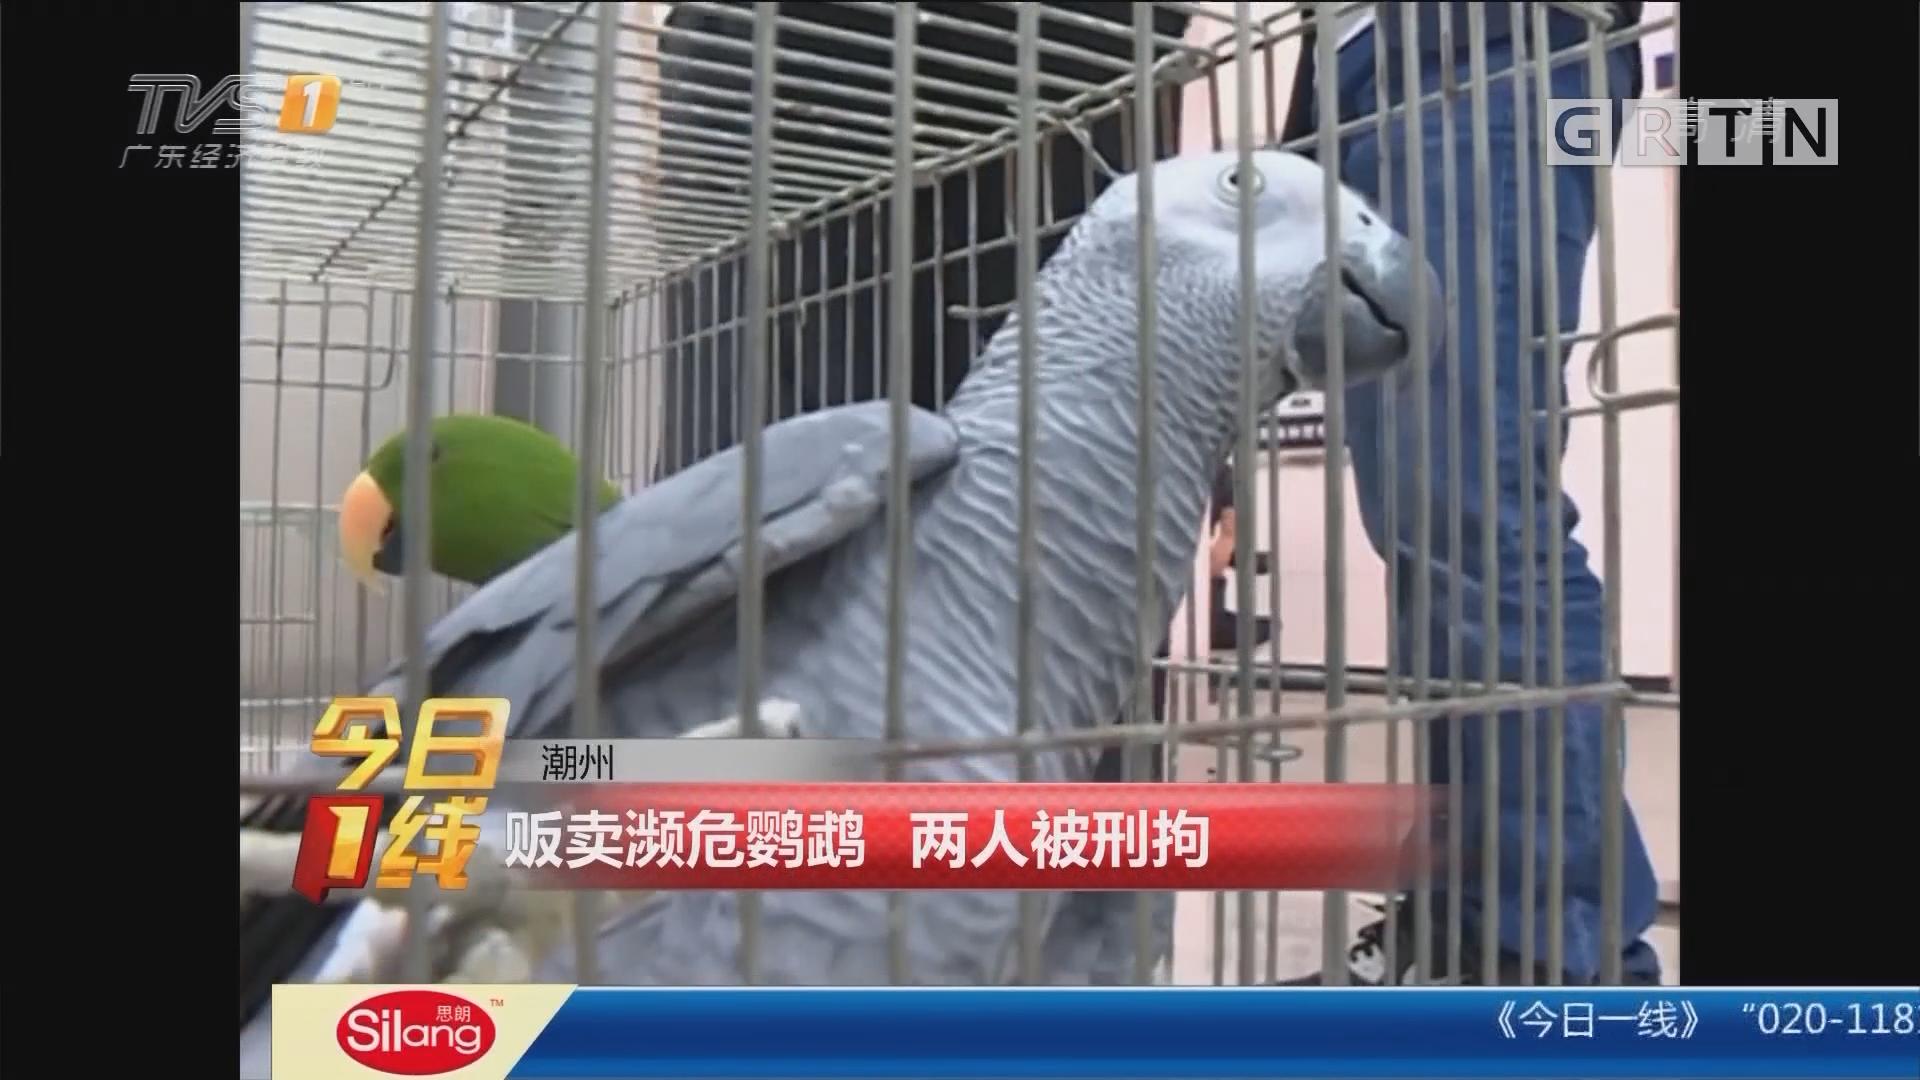 潮州:贩卖濒危鹦鹉 两人被刑拘